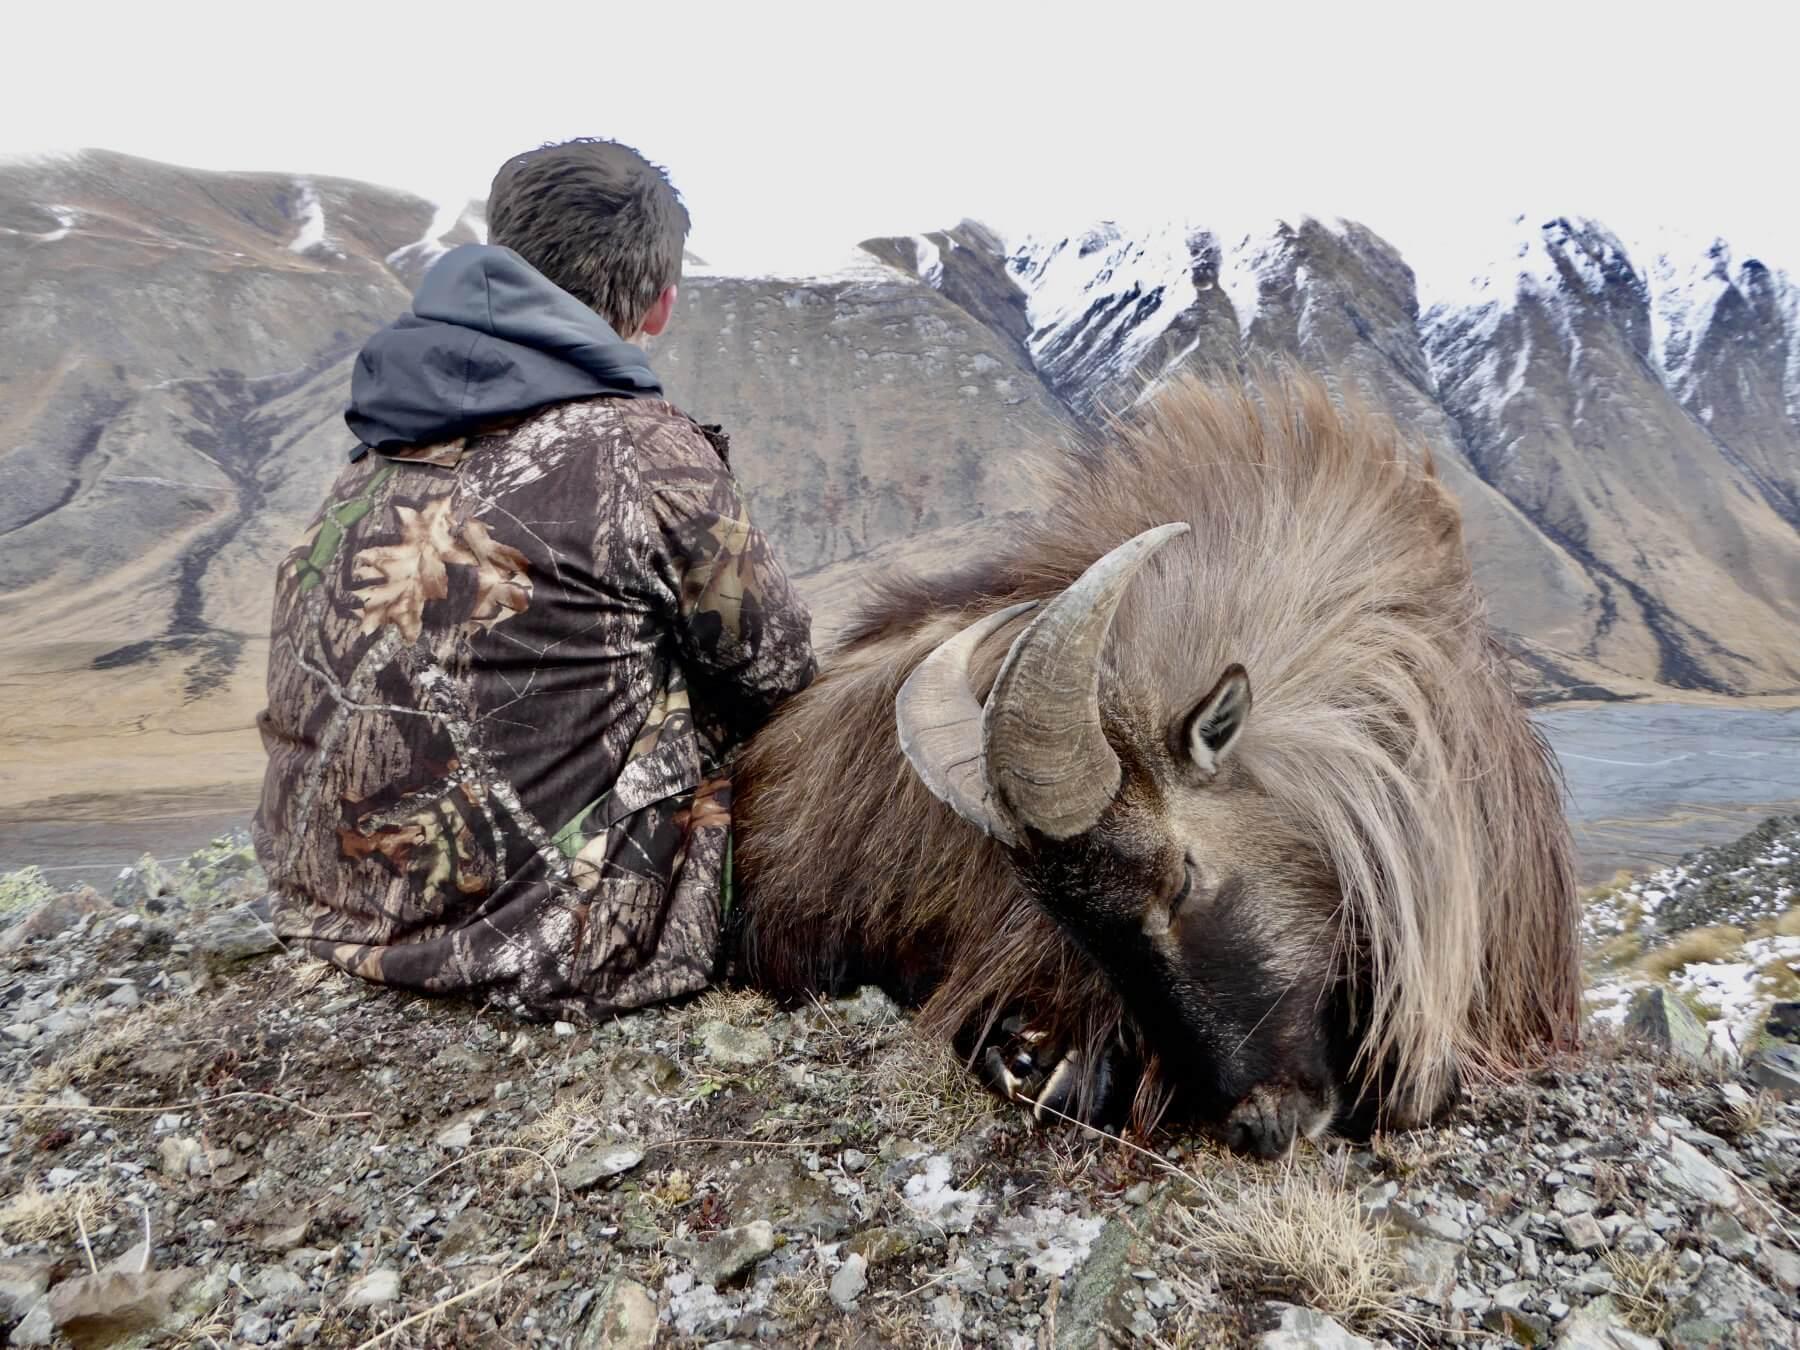 Tahr hunting 13 inch 6 yr old